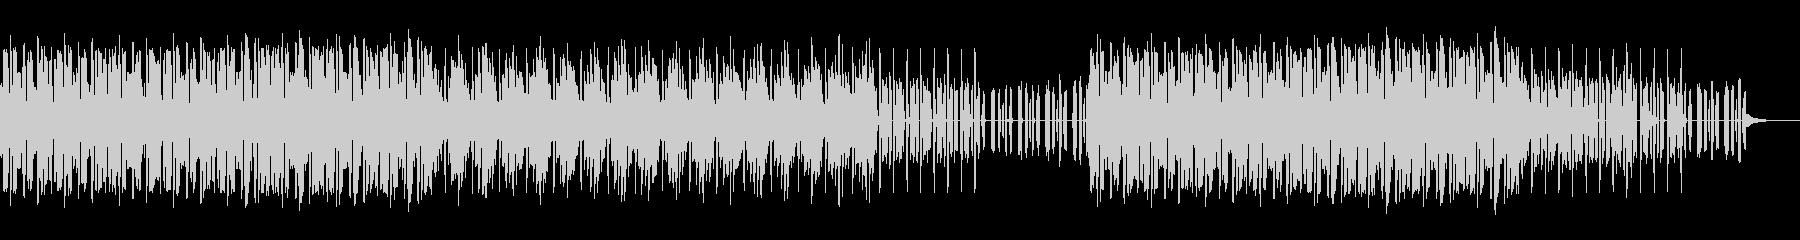 かわいいエレクトロな曲の未再生の波形